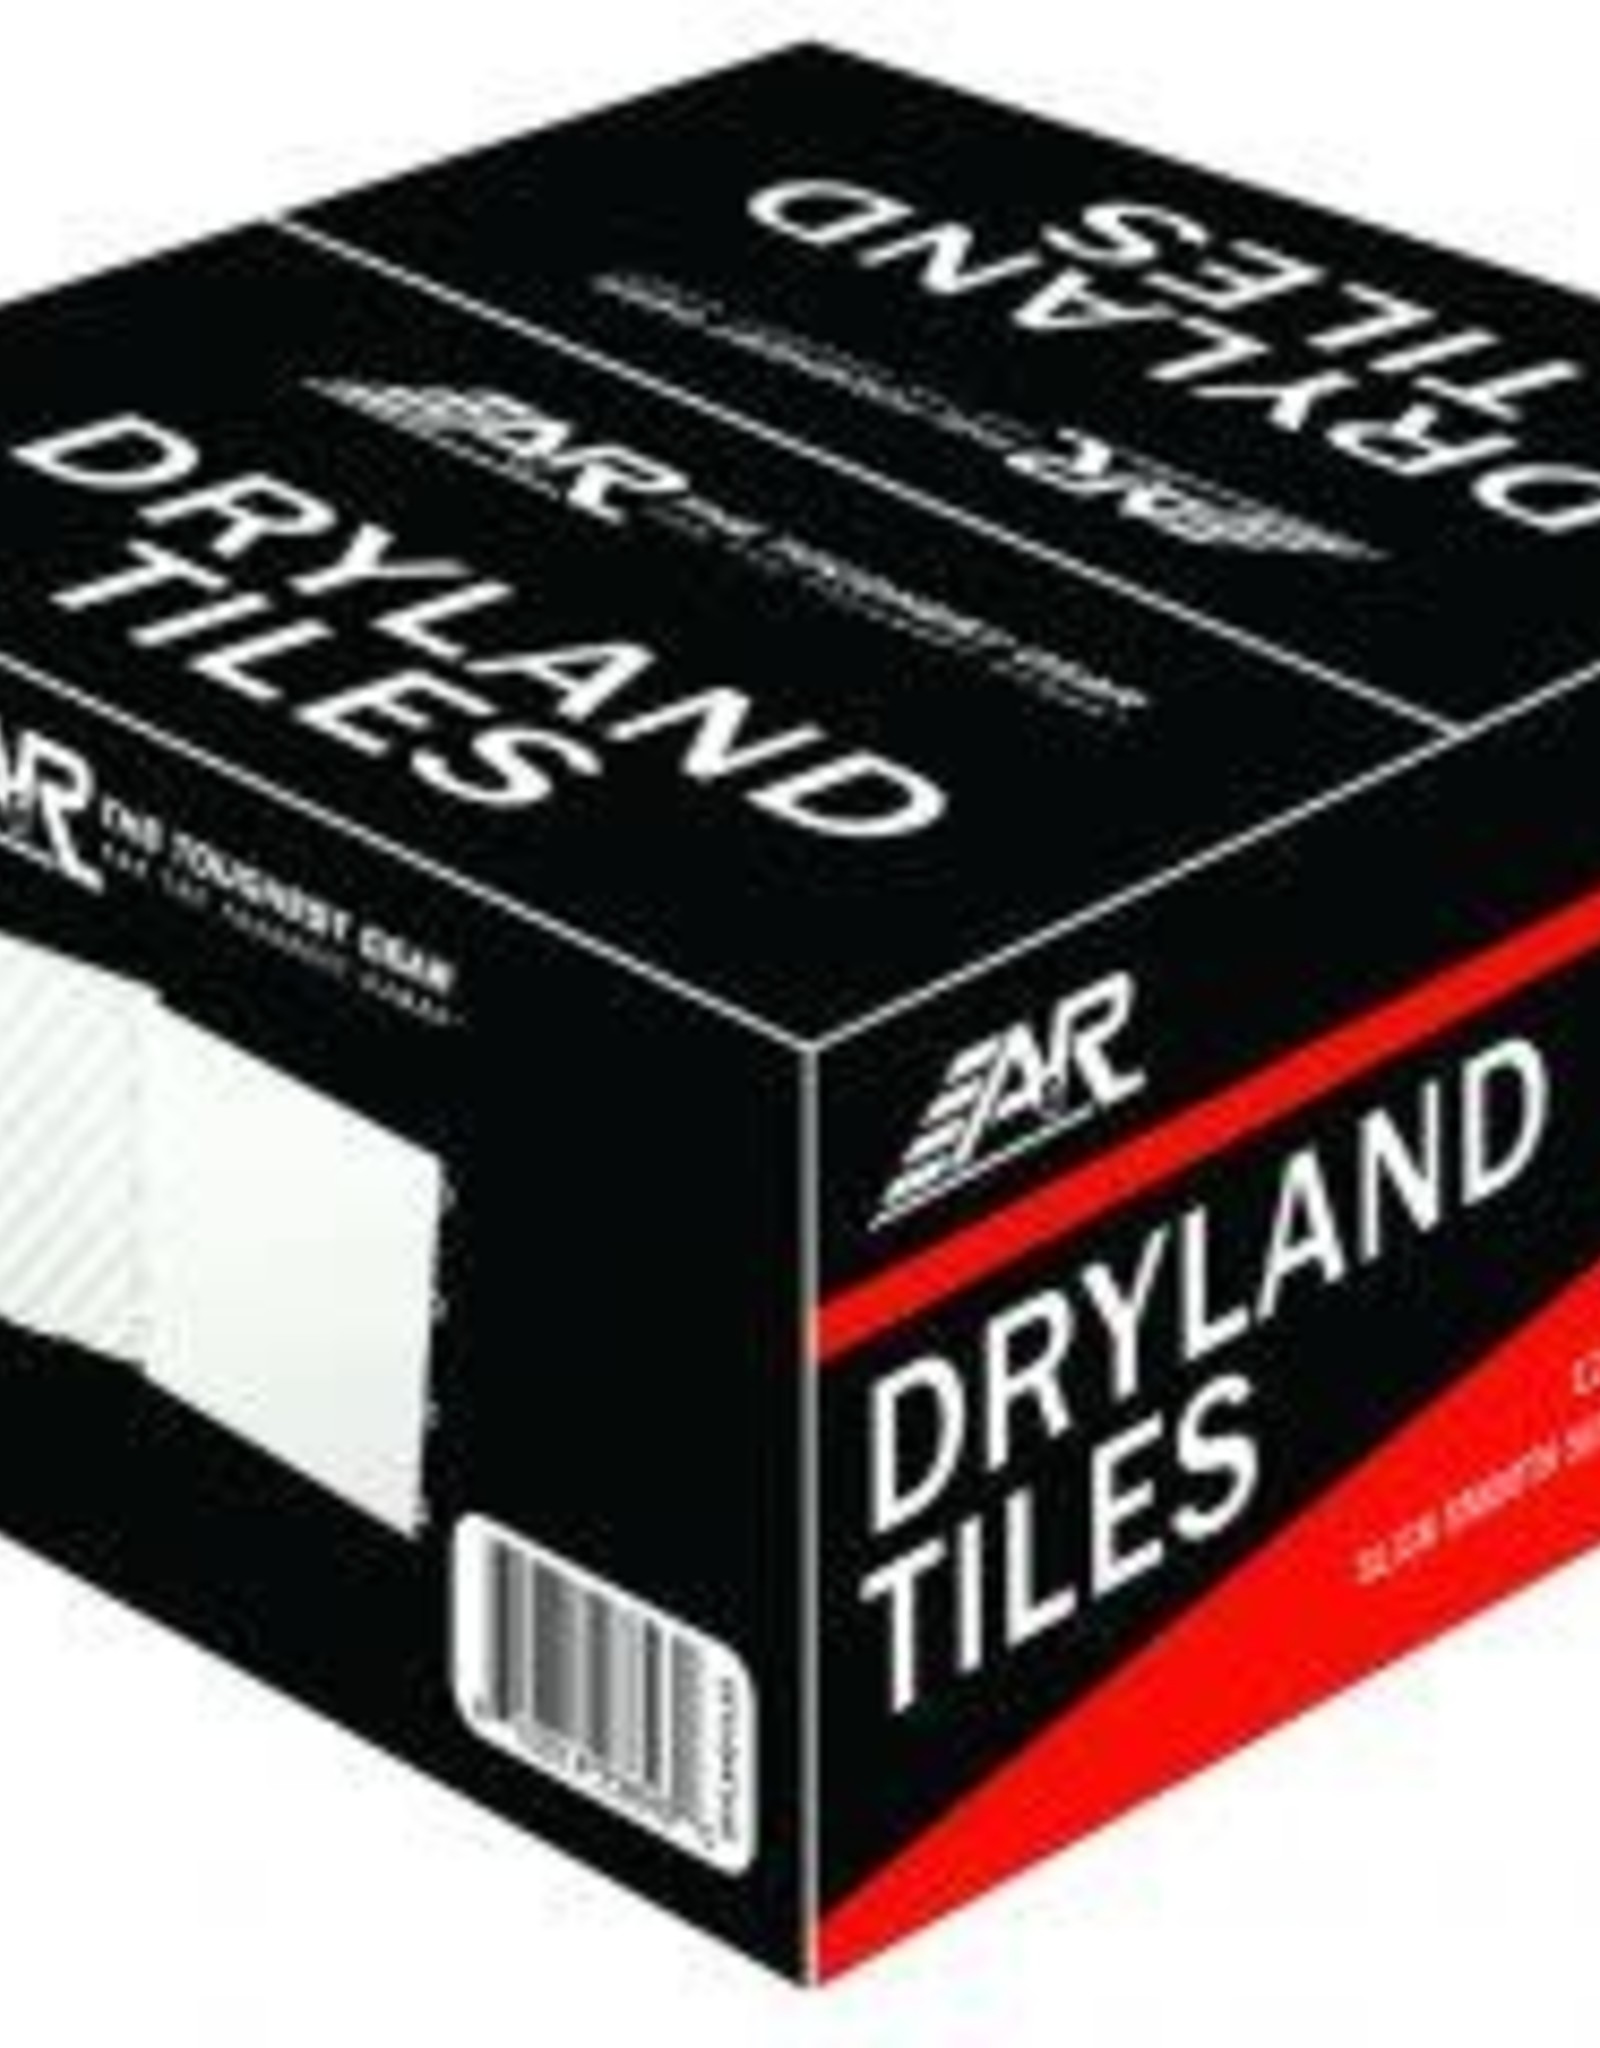 A&R A&R Dryland Tiles